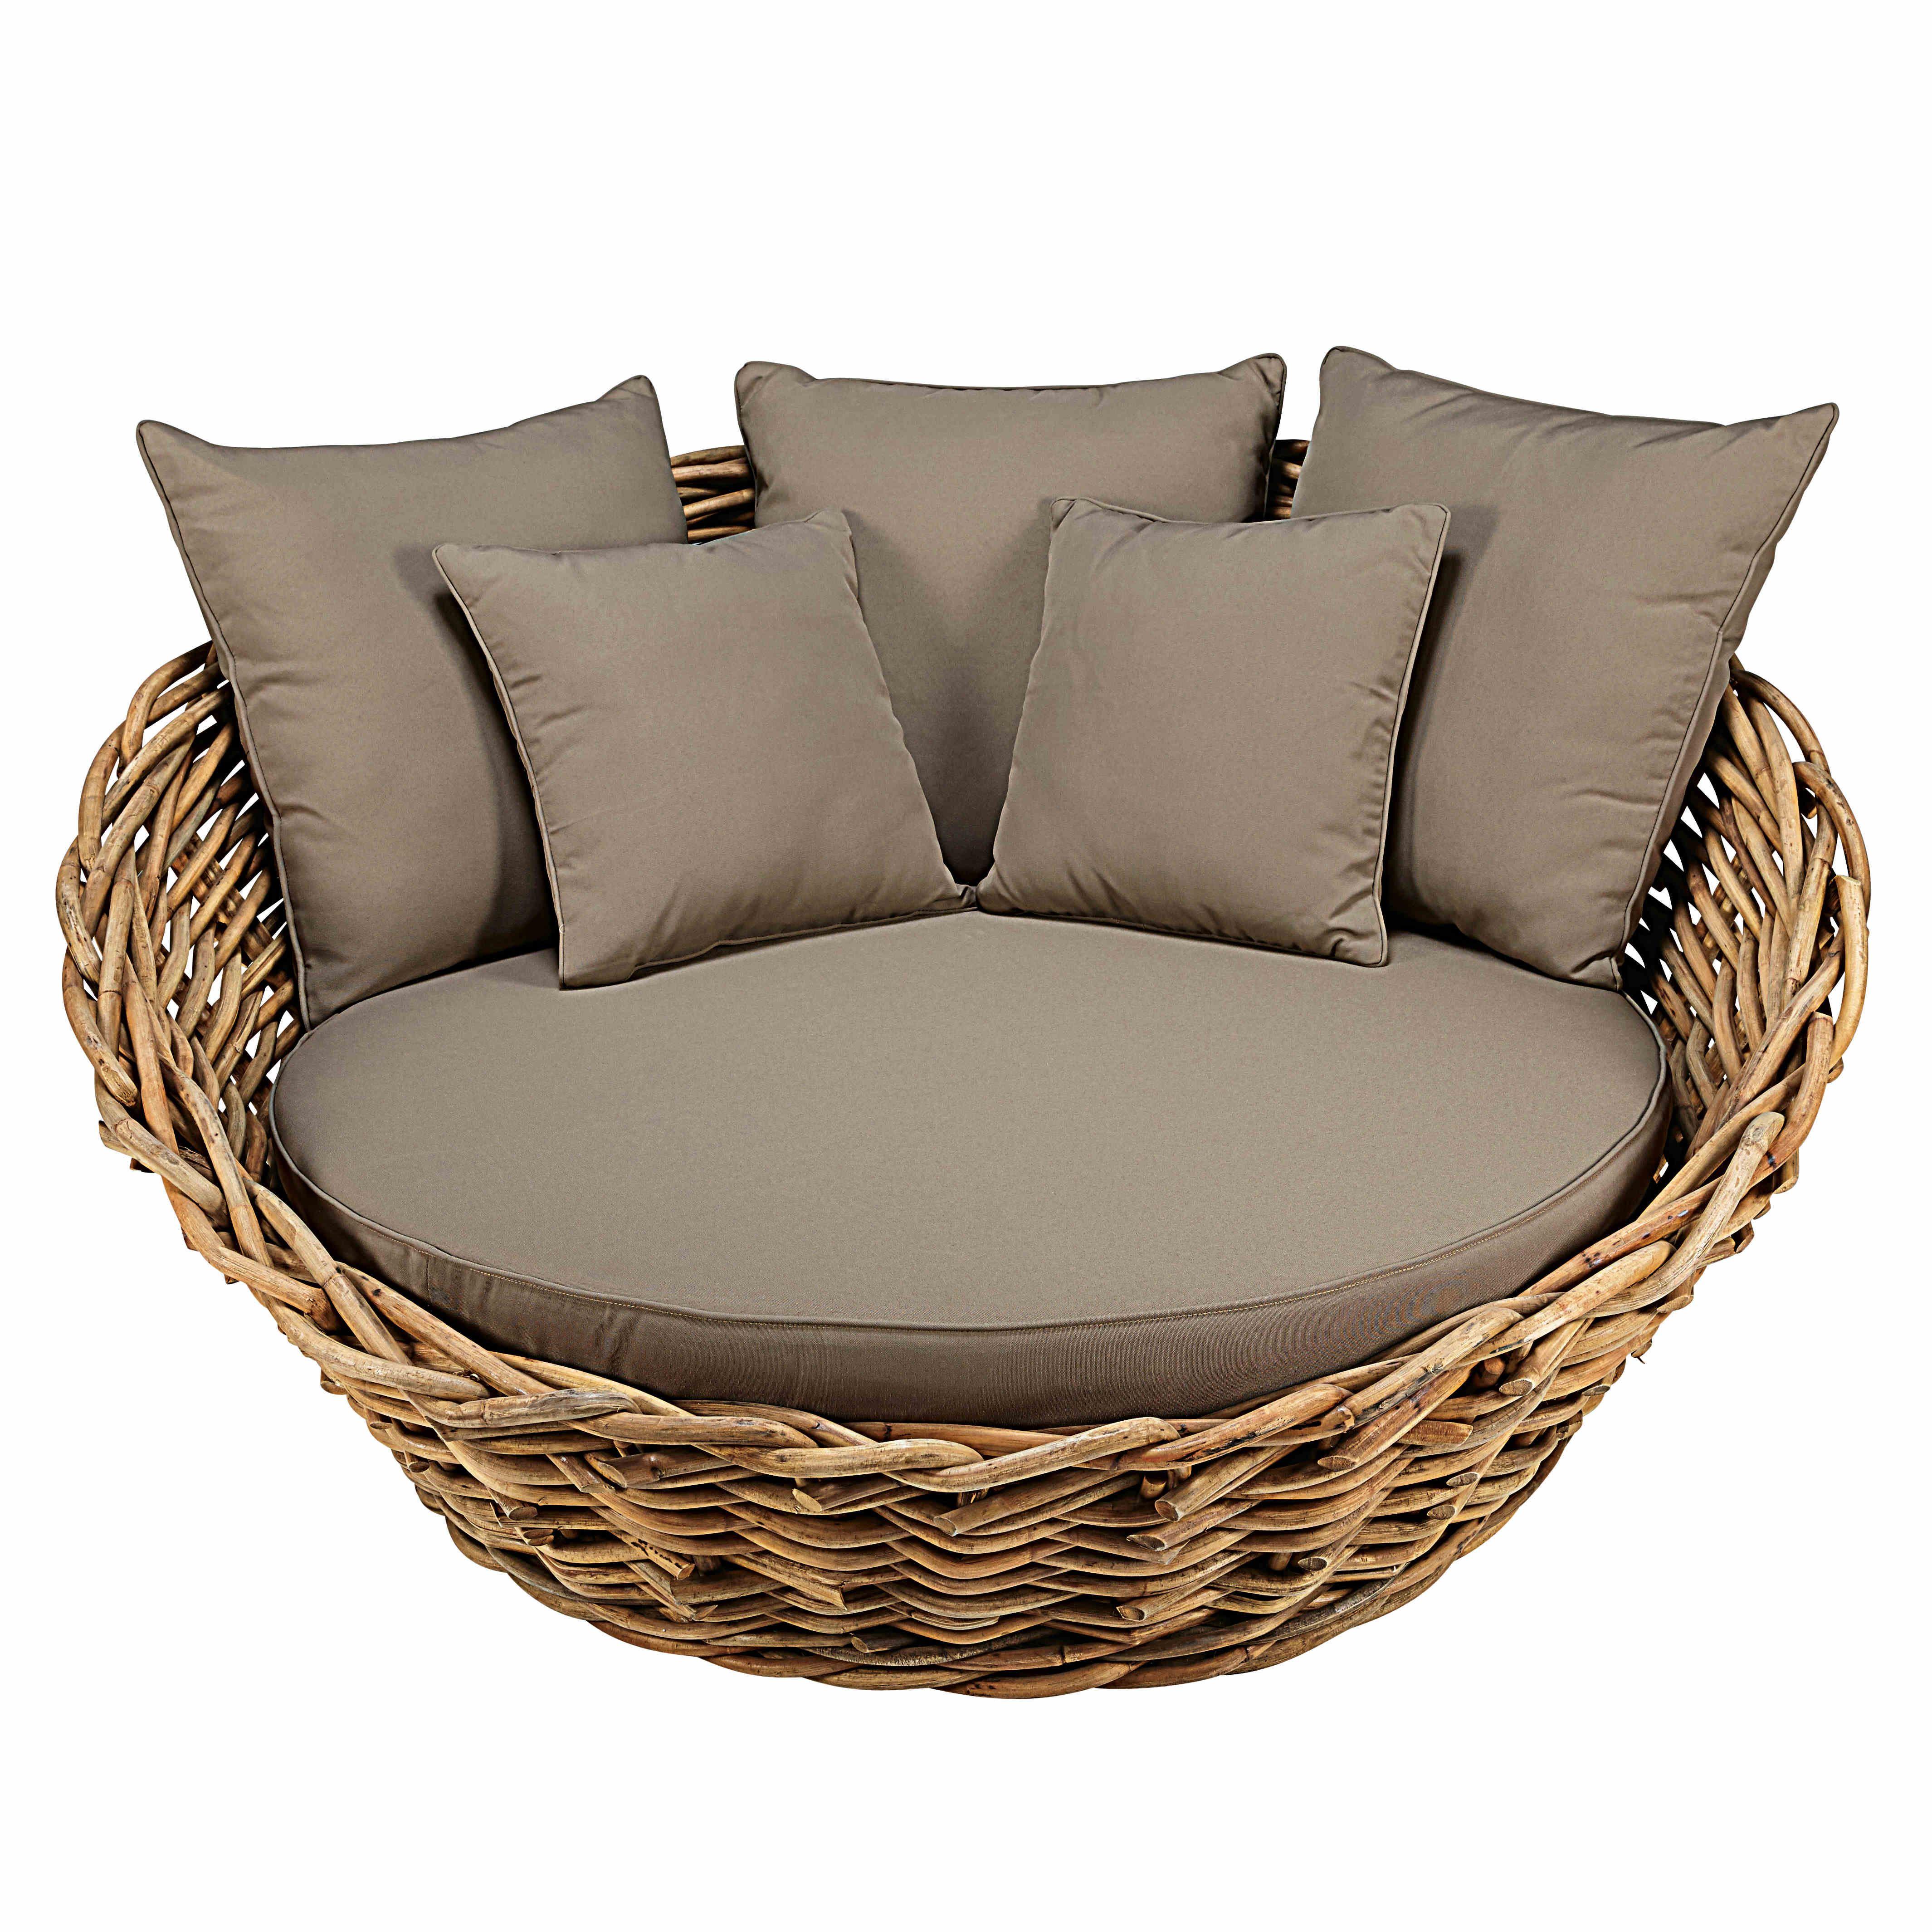 rundes gartensofa aus rattan mit taupefarbenen kissen jetzt bestellen unter https moebel. Black Bedroom Furniture Sets. Home Design Ideas